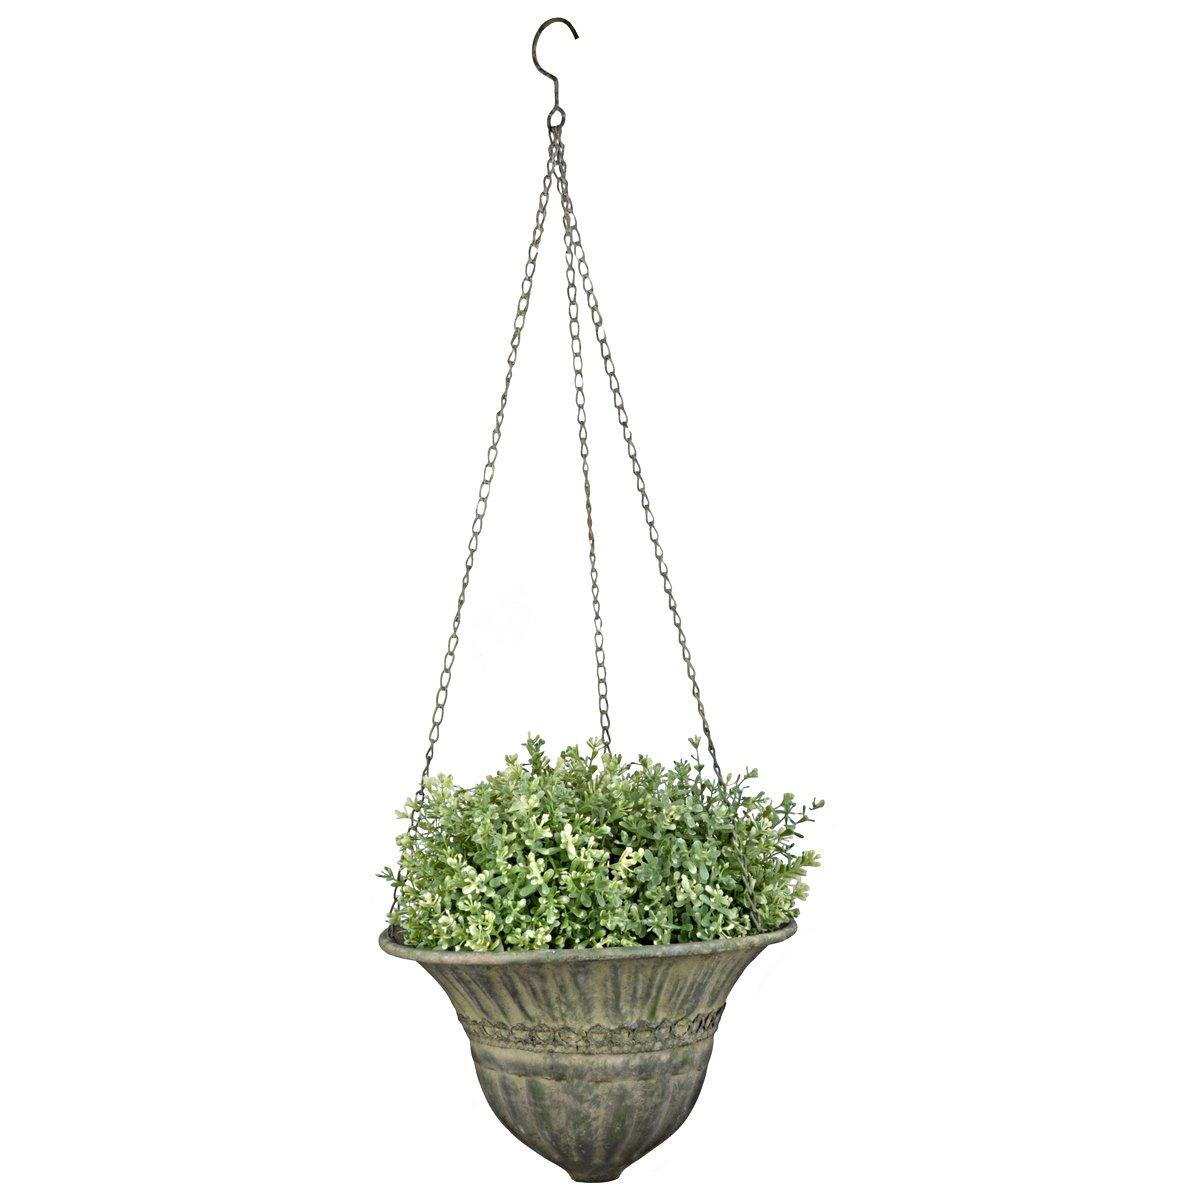 Afbeelding van Esschert Aged Metal Green hanging basket S 25,3x25,3x18,4cm